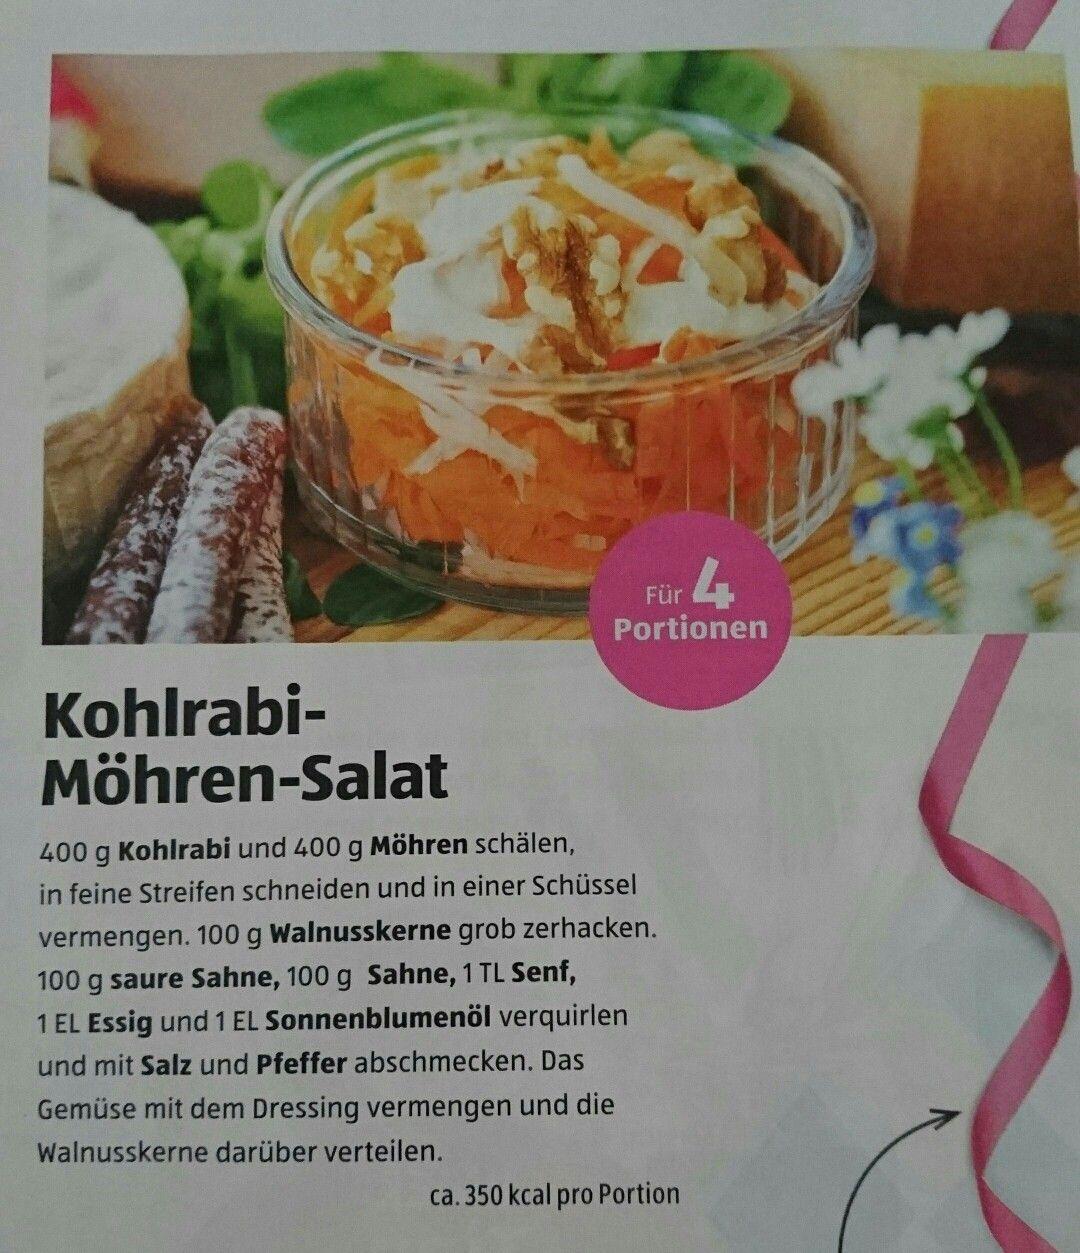 Kohlrabi-Möhren Salat